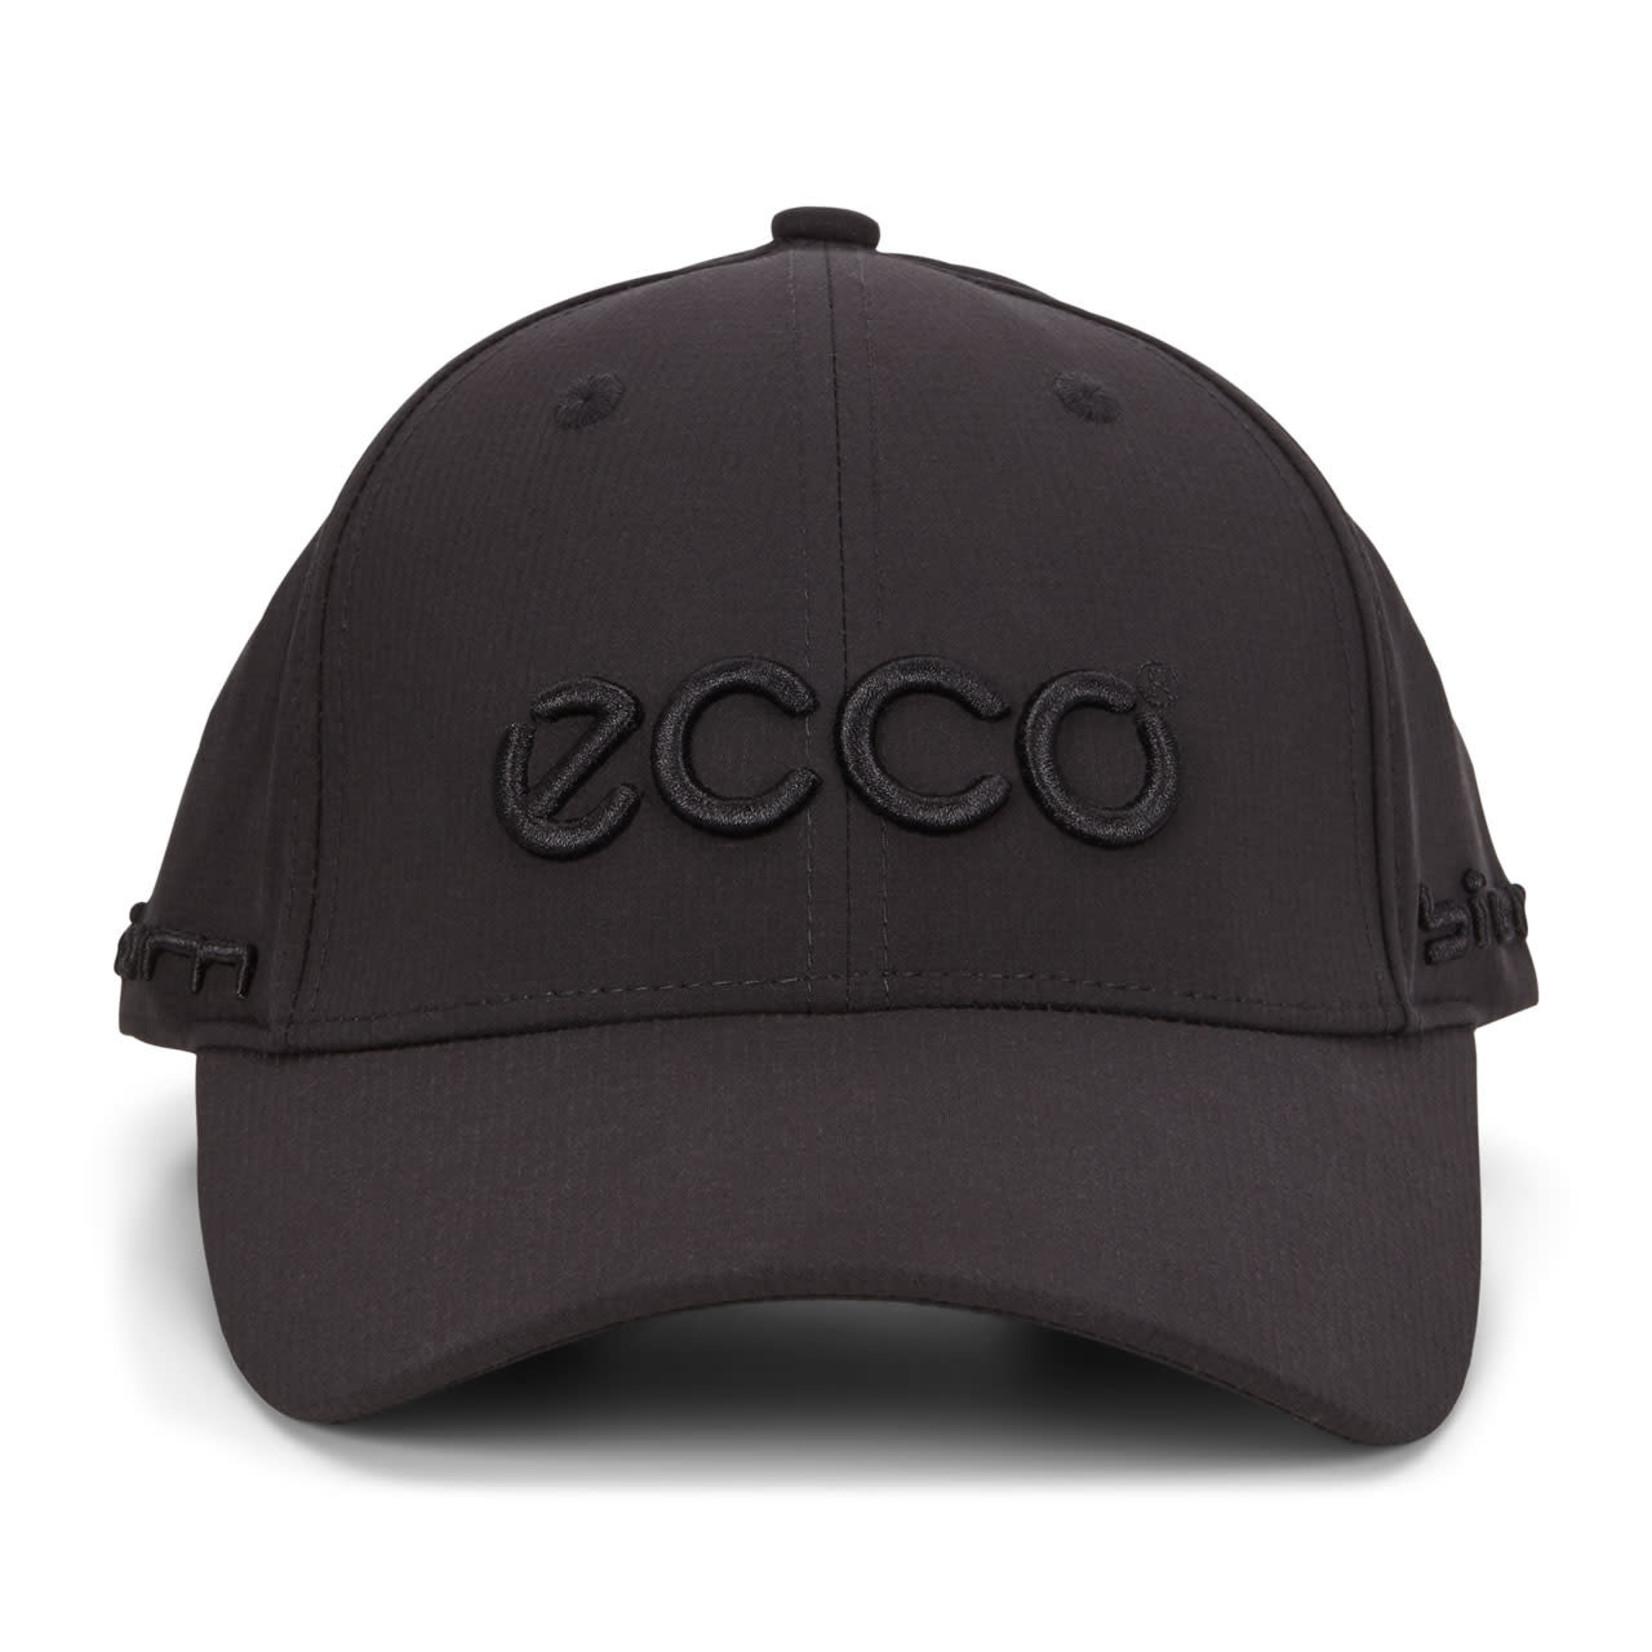 Ecco ECCO Cap Black